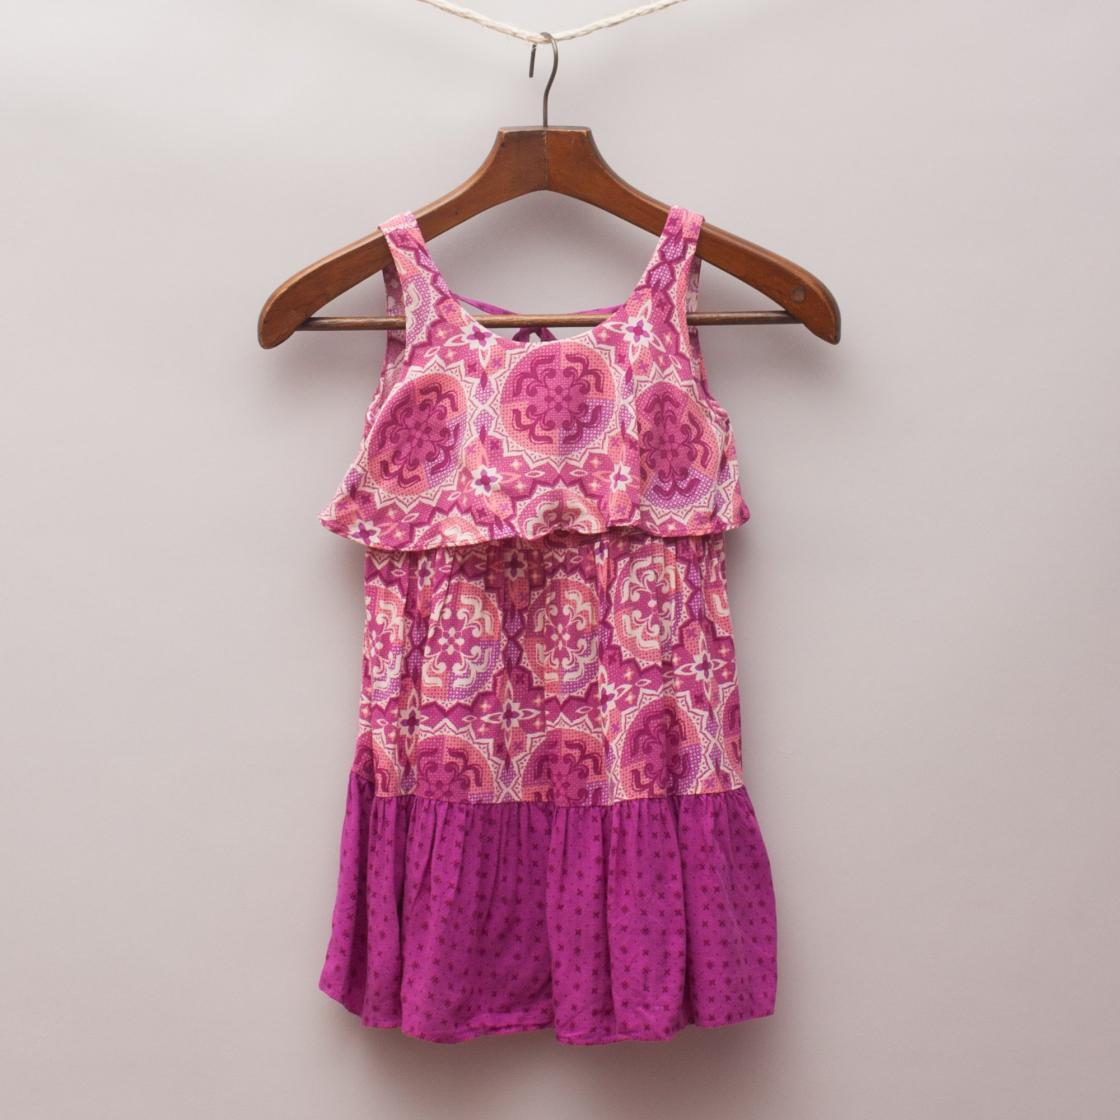 Roxy Layered Dress